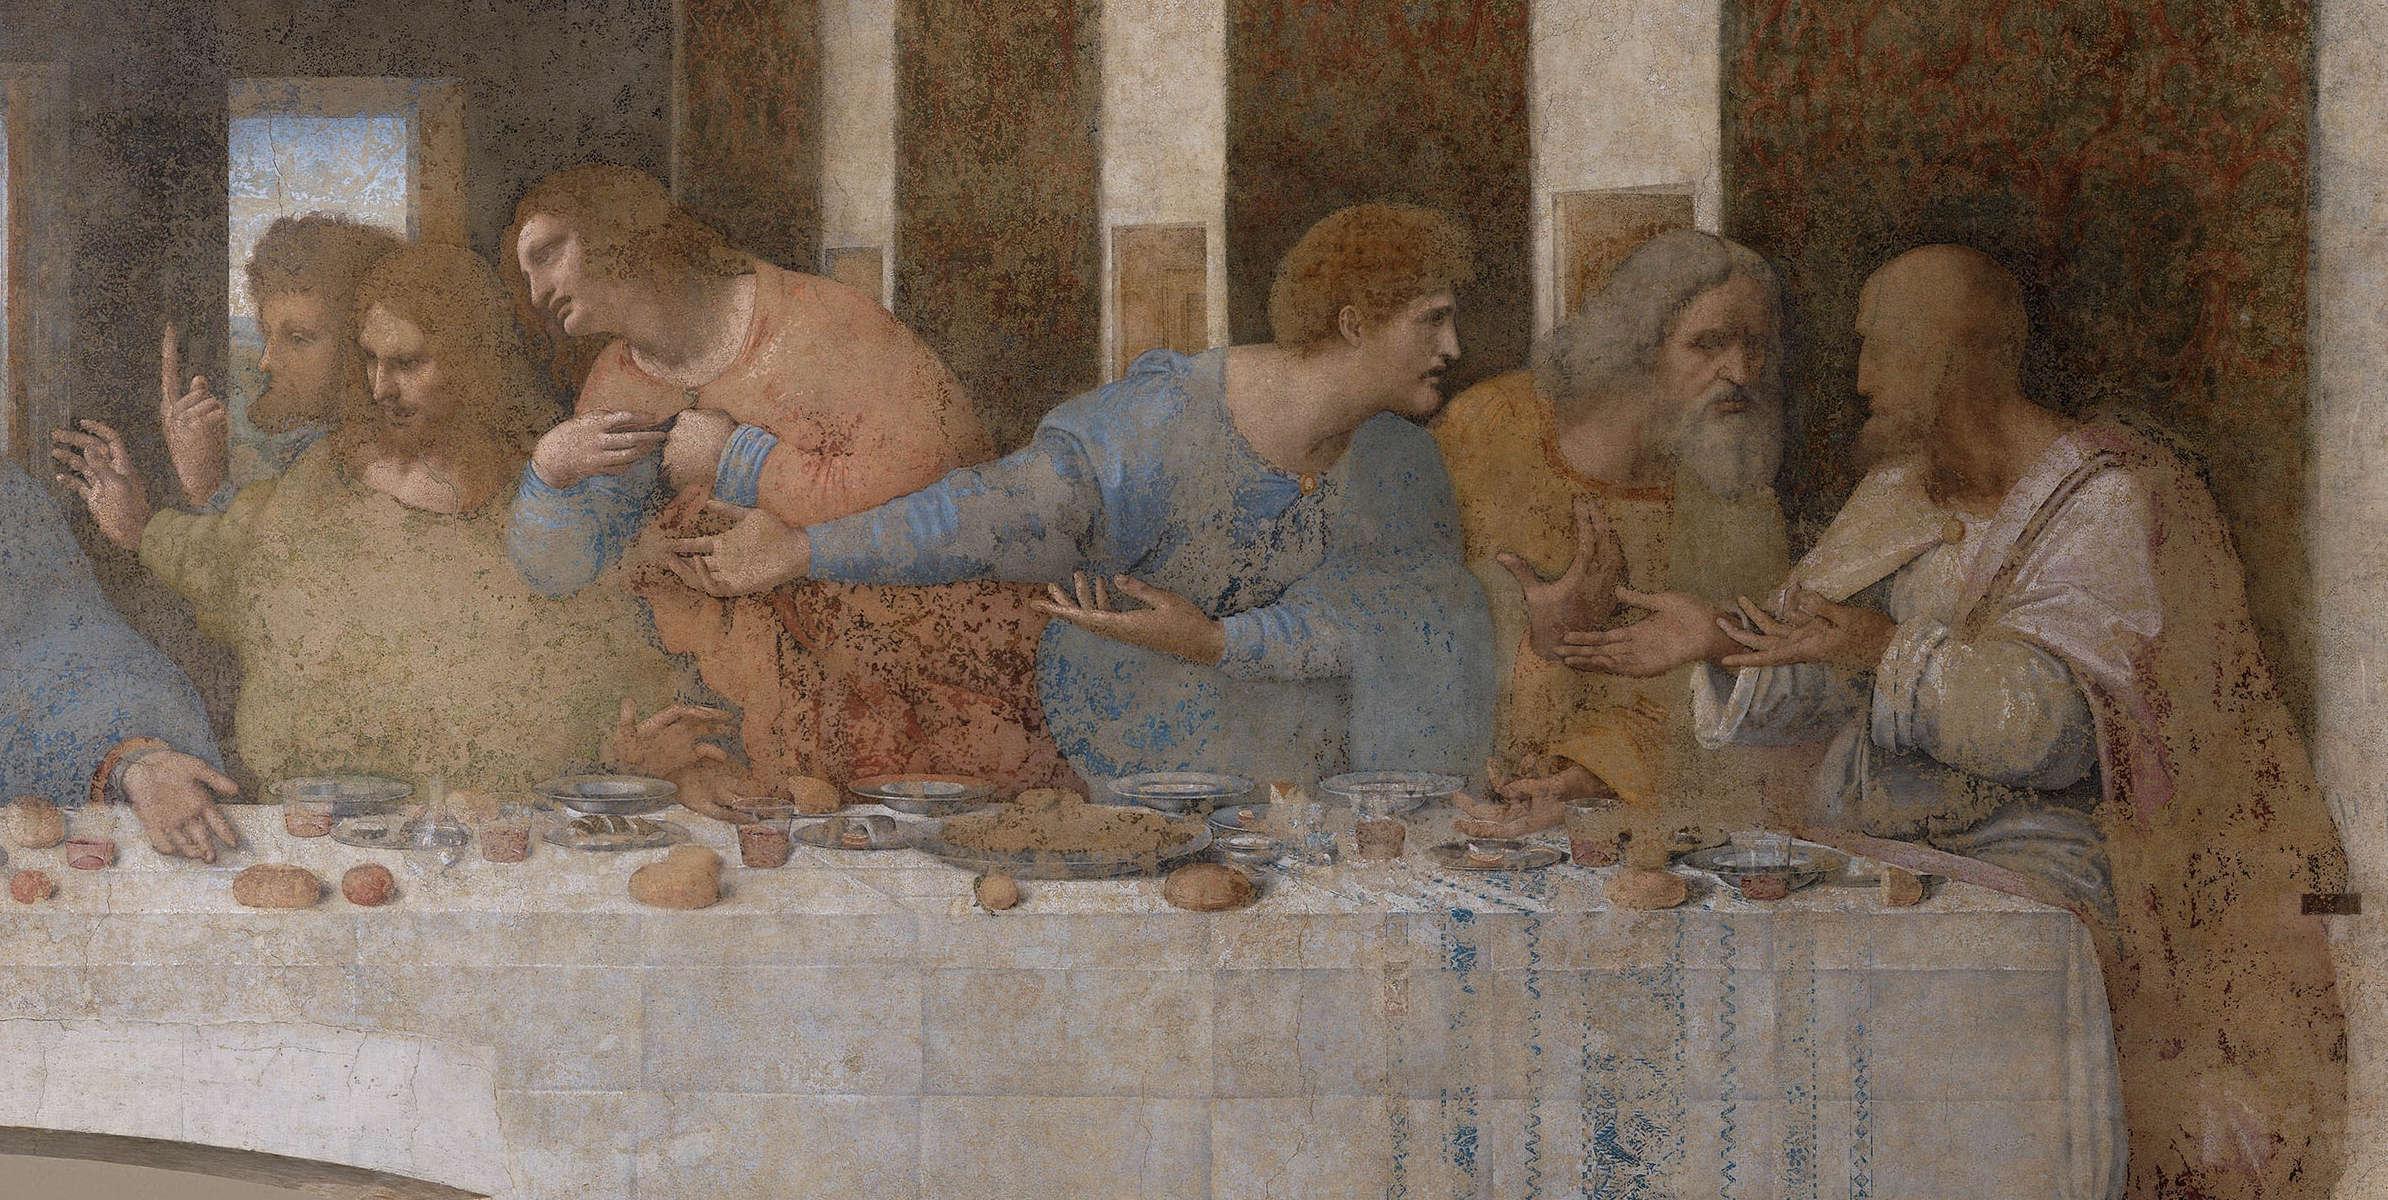 Leonardo da Vinci, Das Abendmahl: Thomas, Jakobus, Philippus, Matthäus, Thaddäus, Simon, um 1494–1498, Tempera und Öl auf Mörtel, 460 x 880 cm (Refektorium von Santa Maria delle Grazie, Mailand)